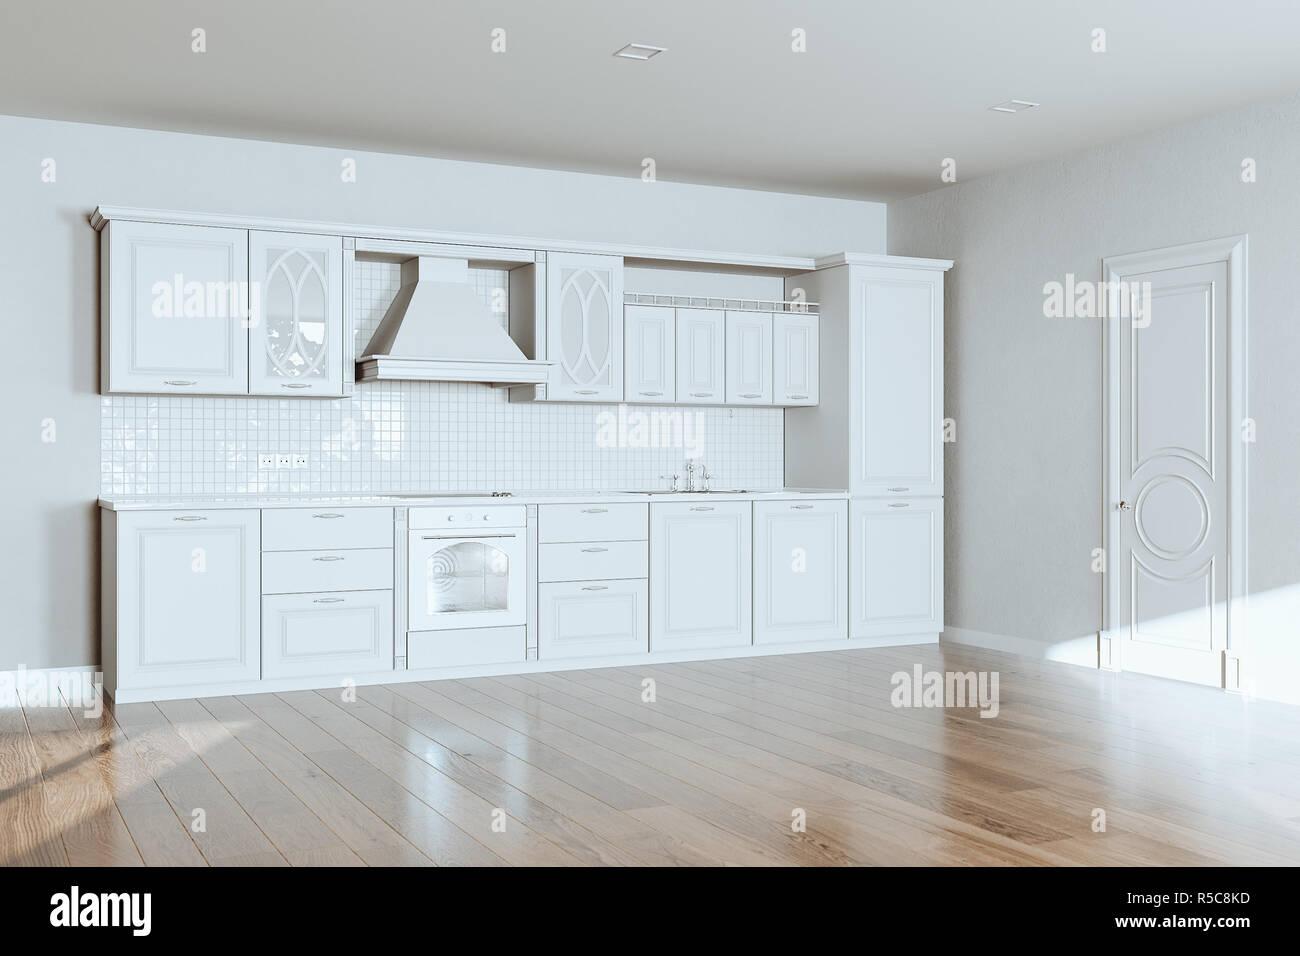 Piastrelle da cucina classica immagini di cucine bianche laccate